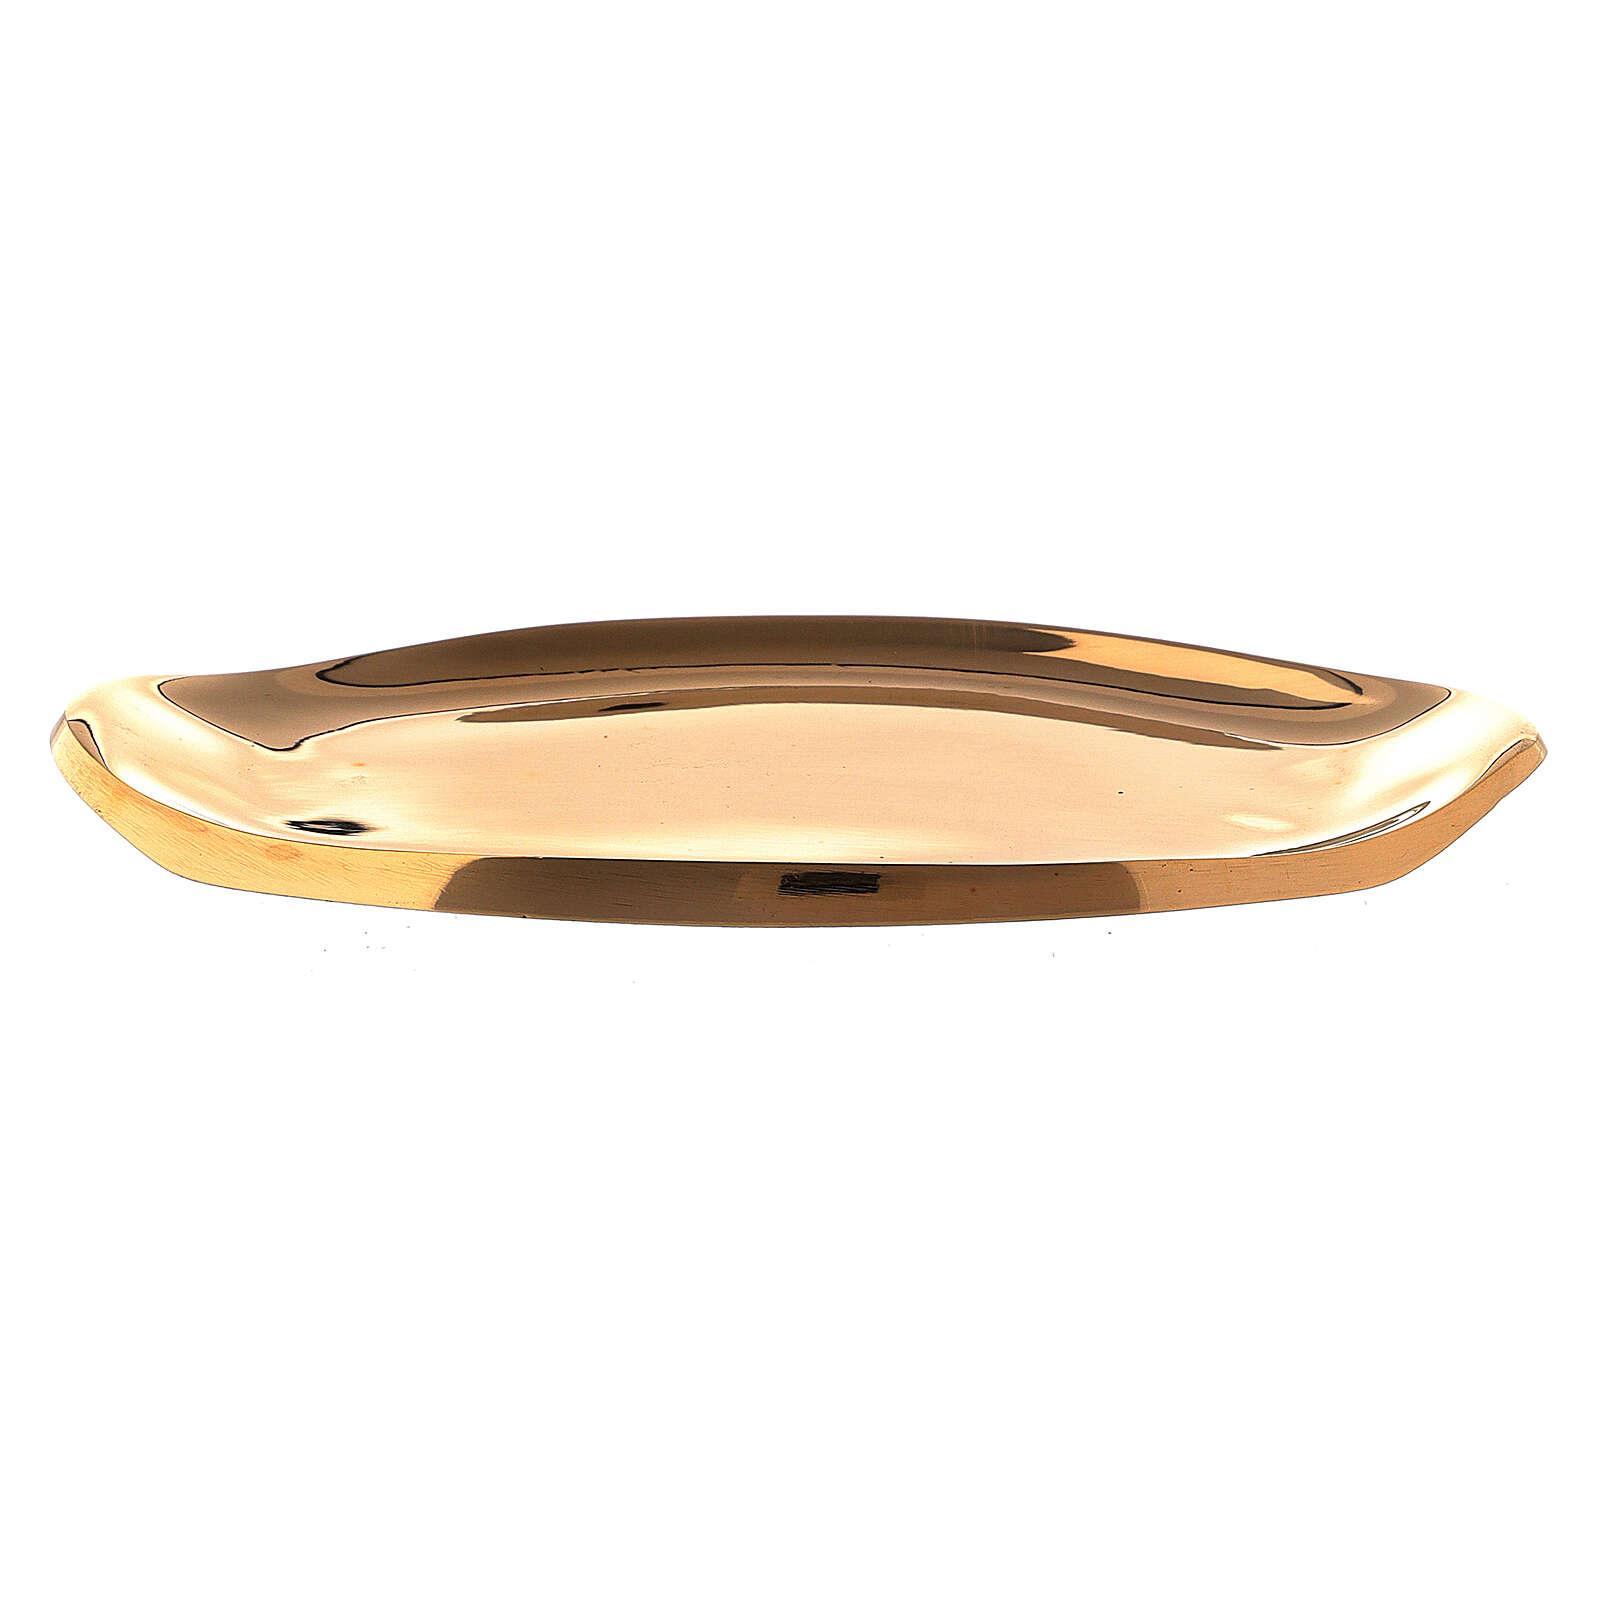 Prato porta-vela latão dourado brilhante barco 9x4 cm 3